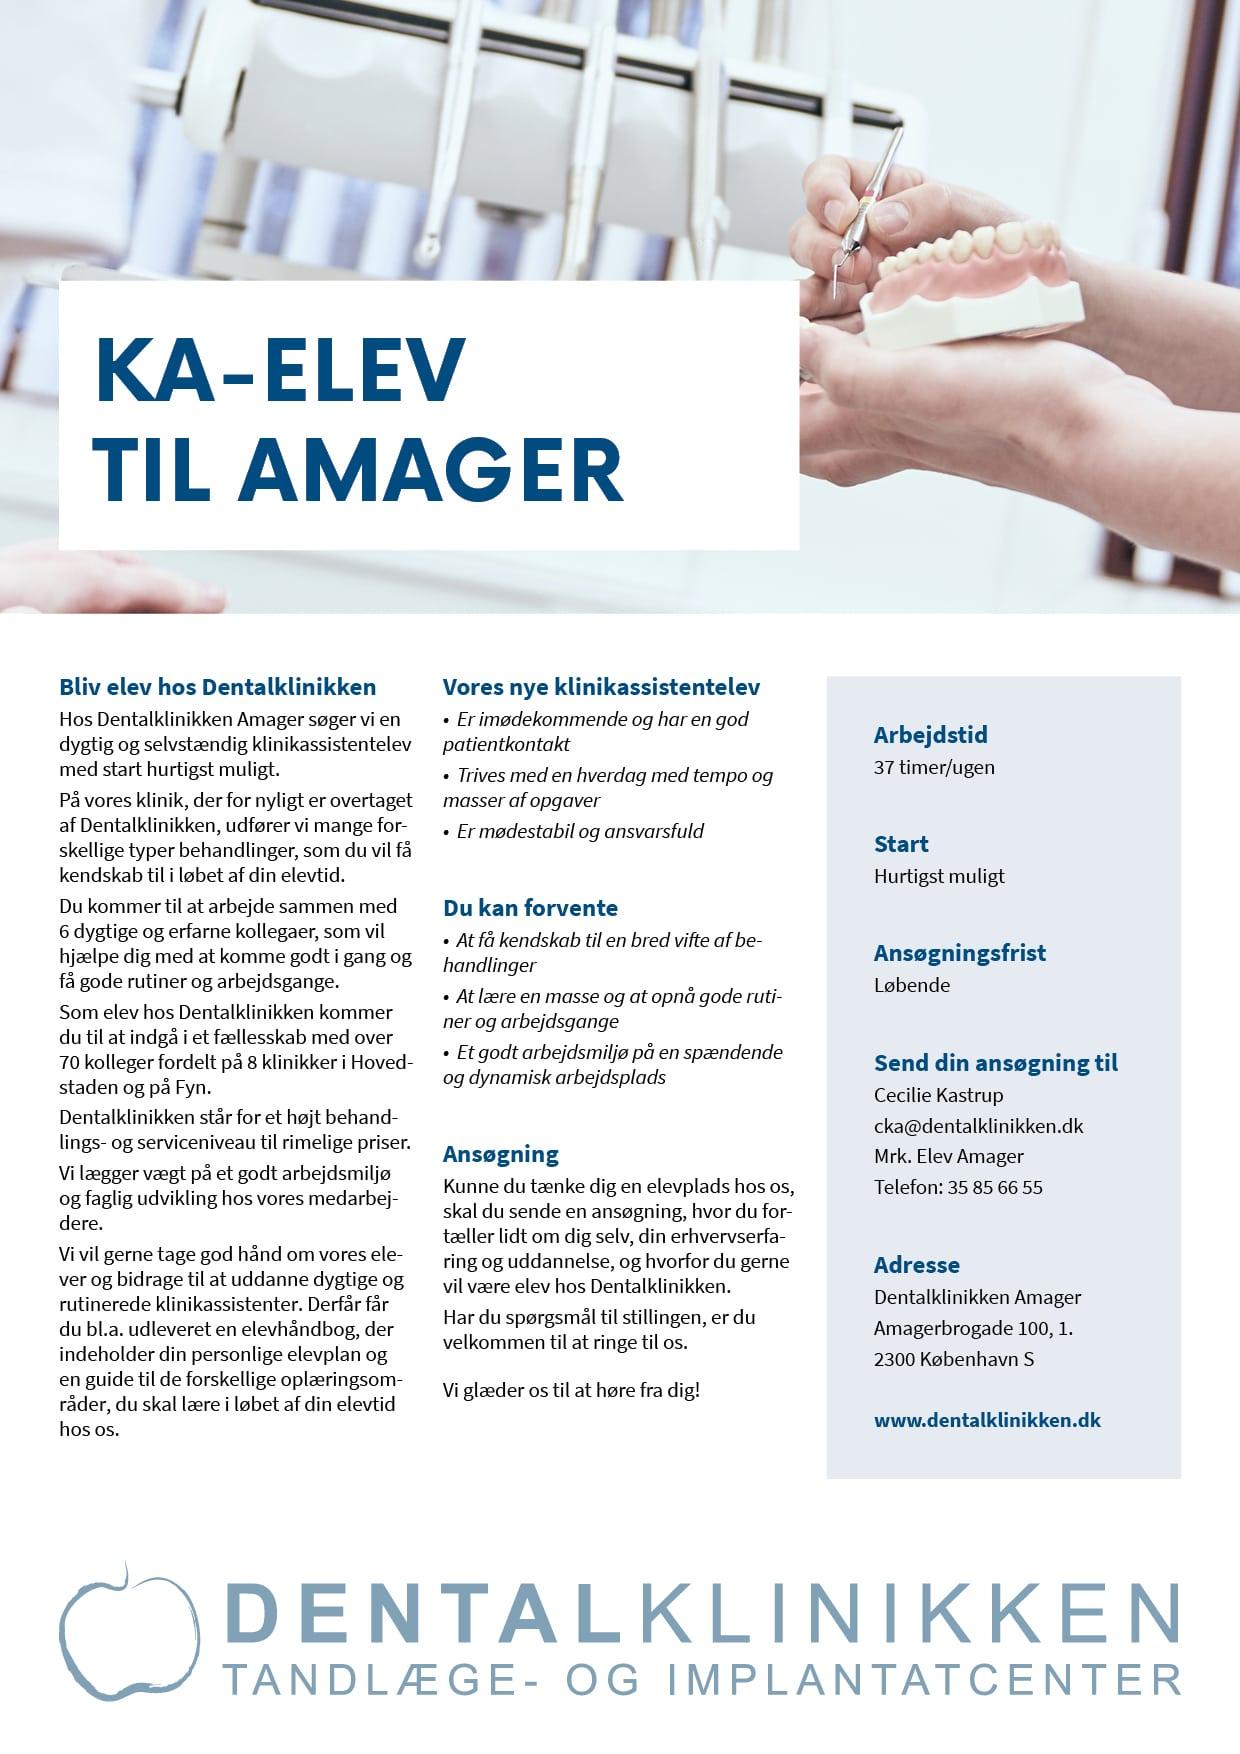 KA-Elev Amager